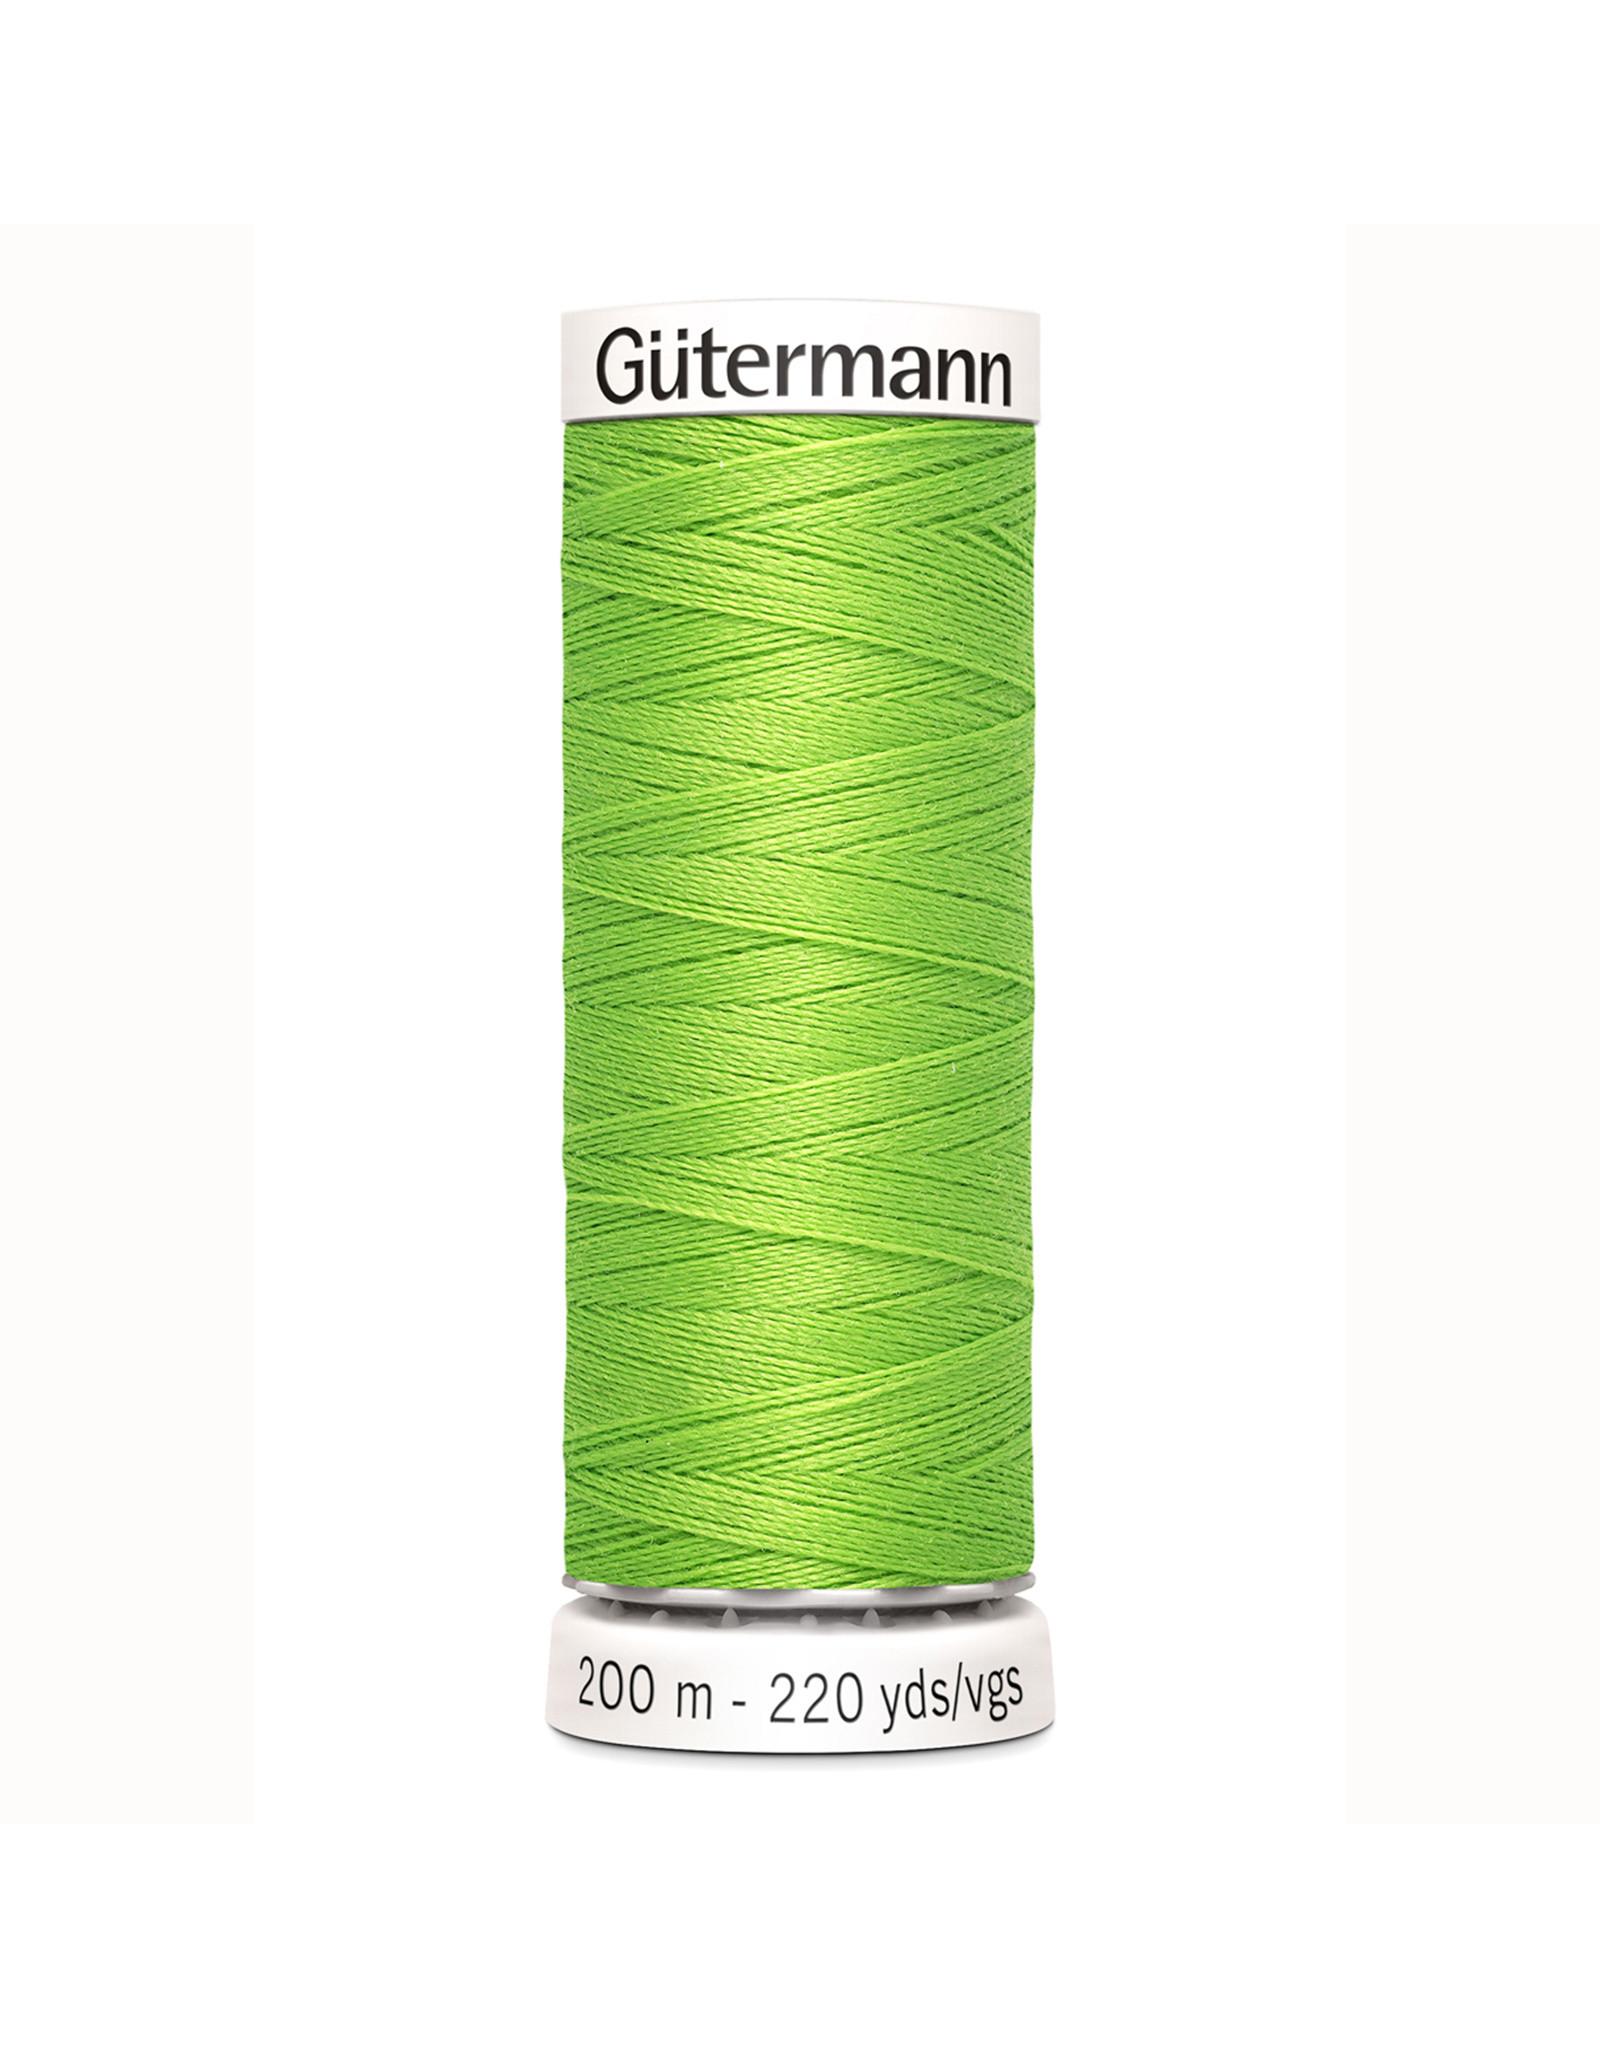 Gütermann Gütermann Nähgarn 200 m - nr 336